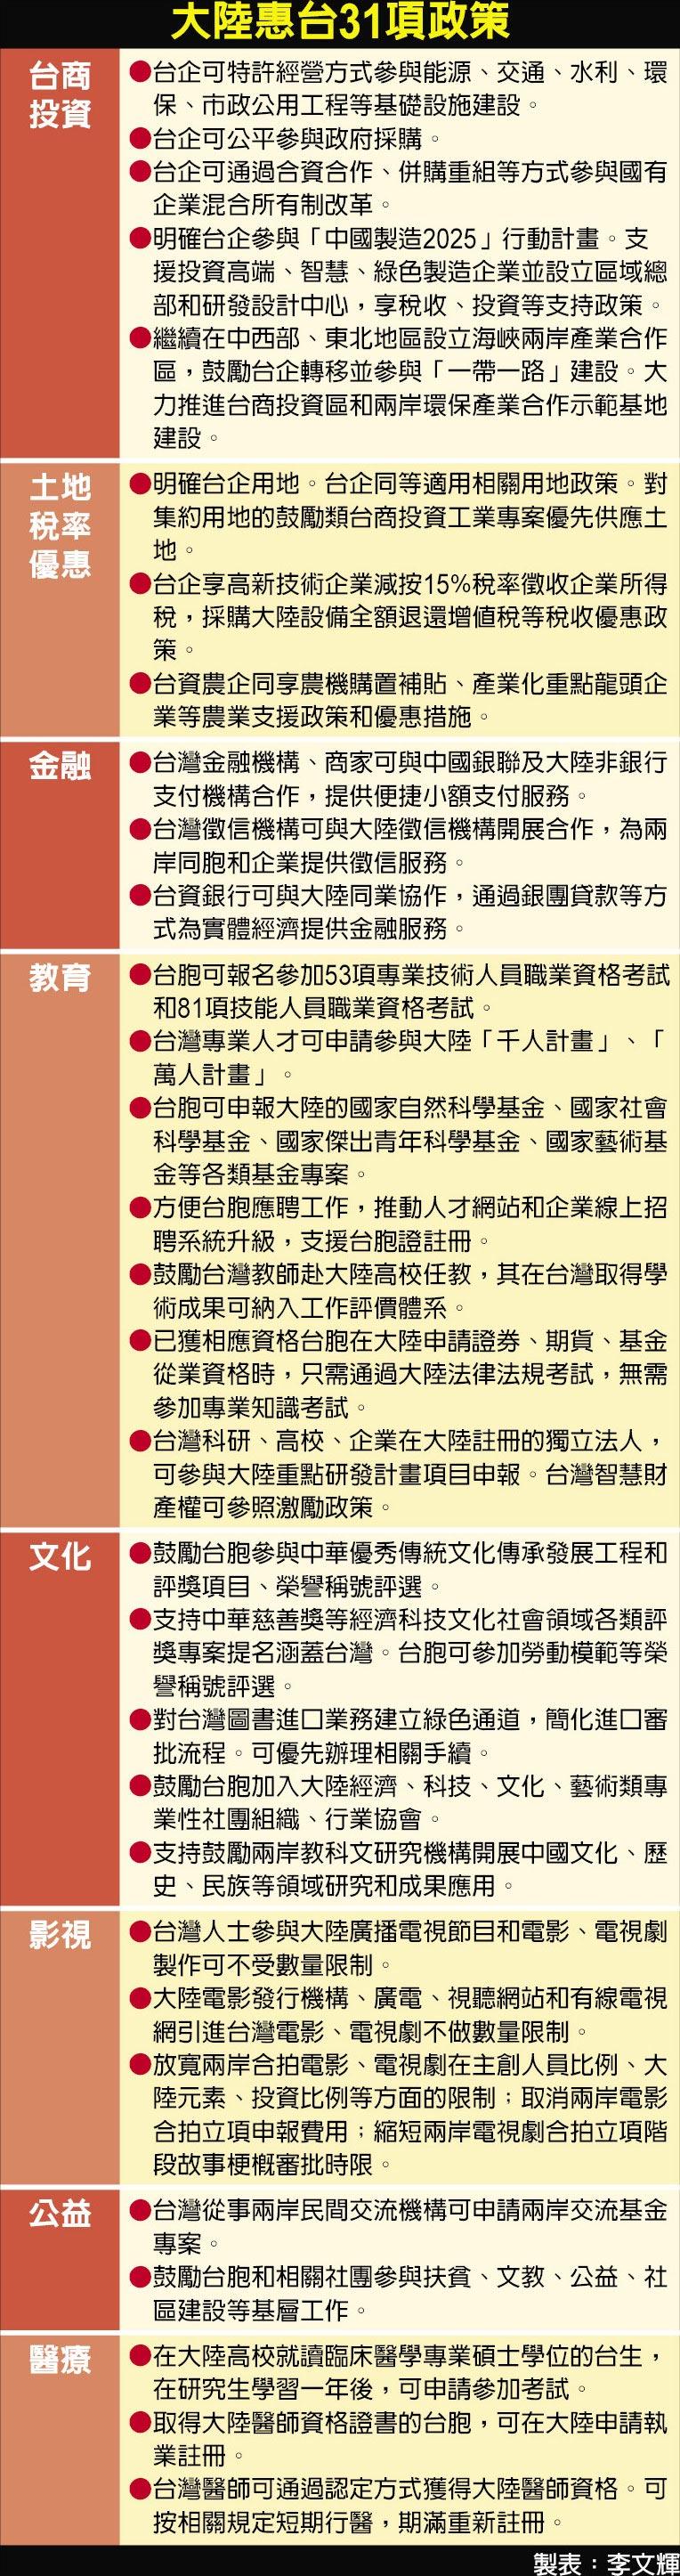 大陸惠台31項政策